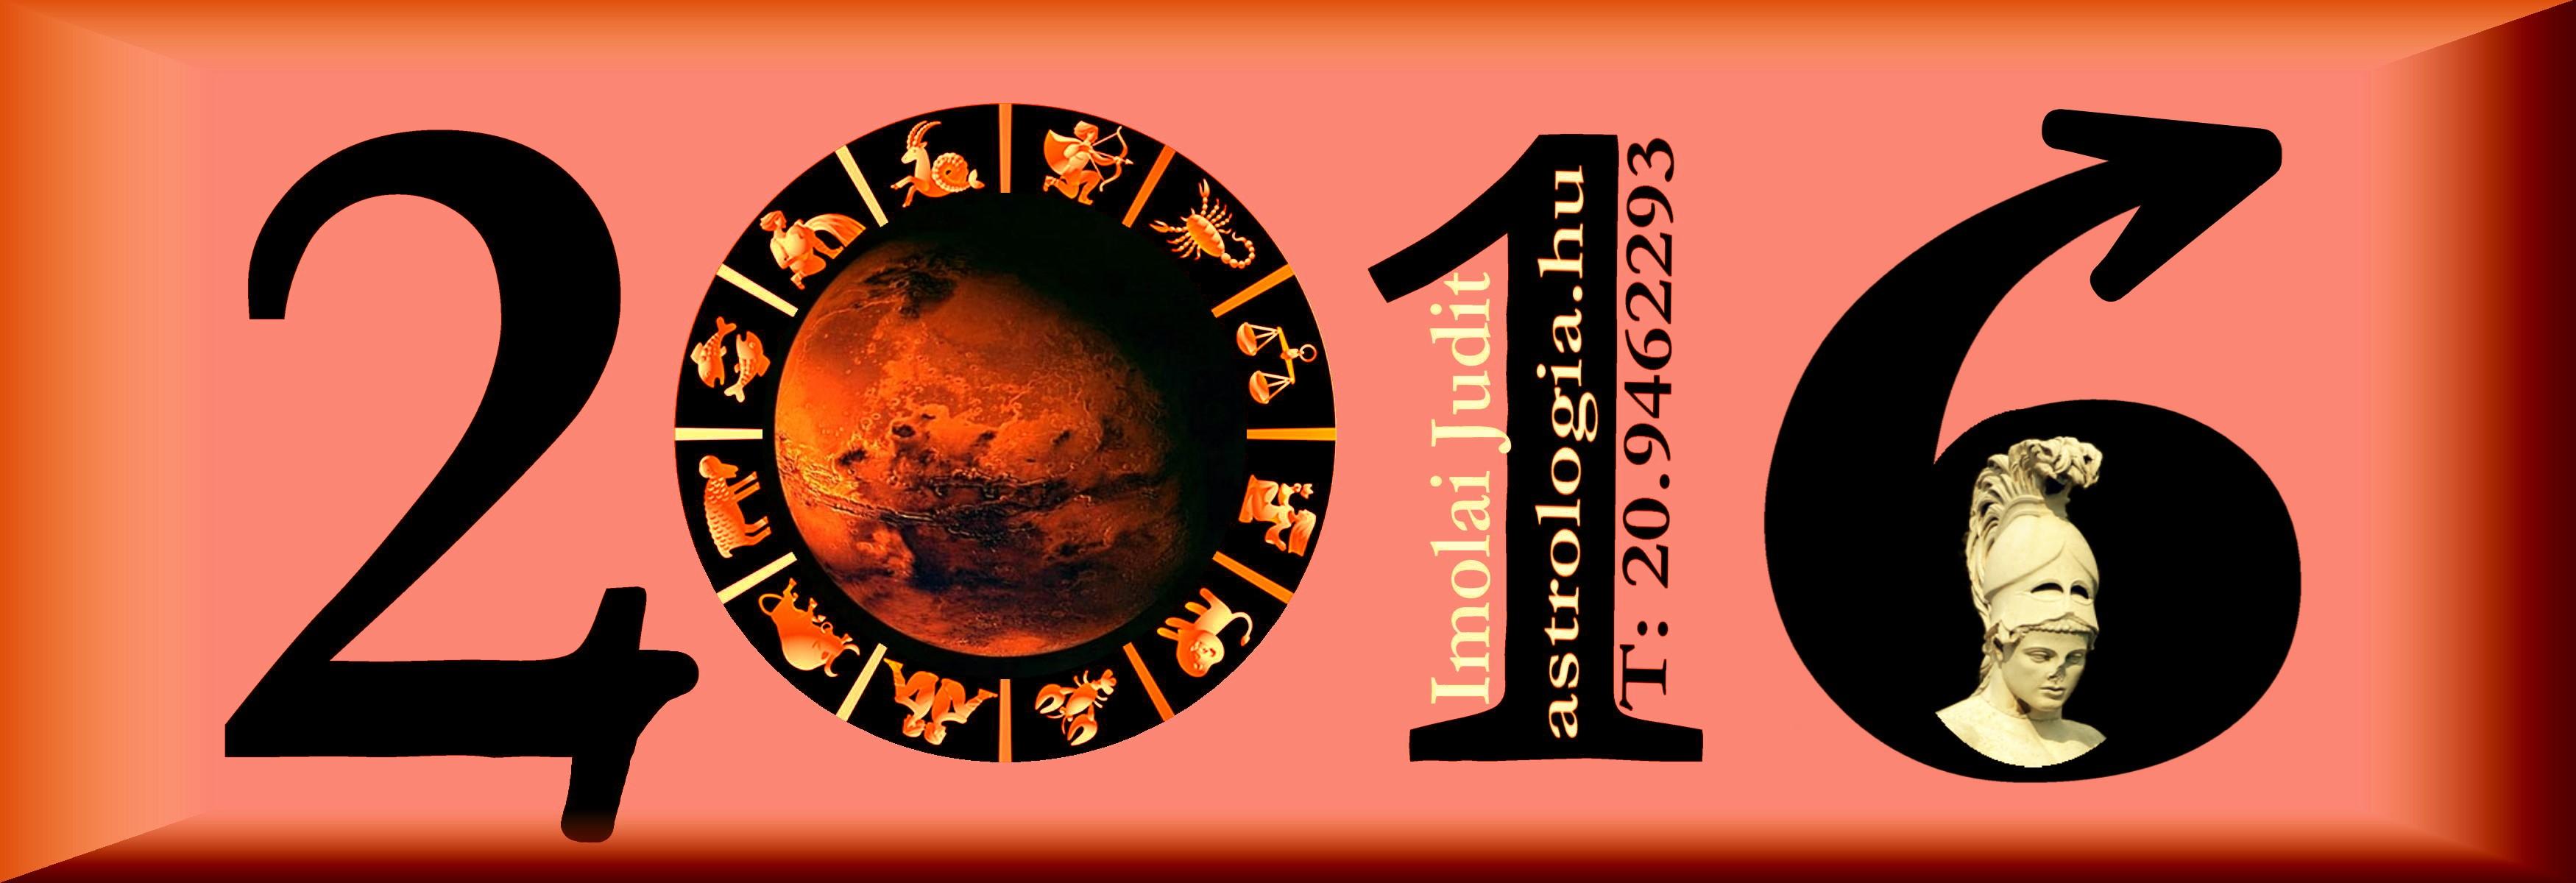 astrologia2016impmarsy.jpg